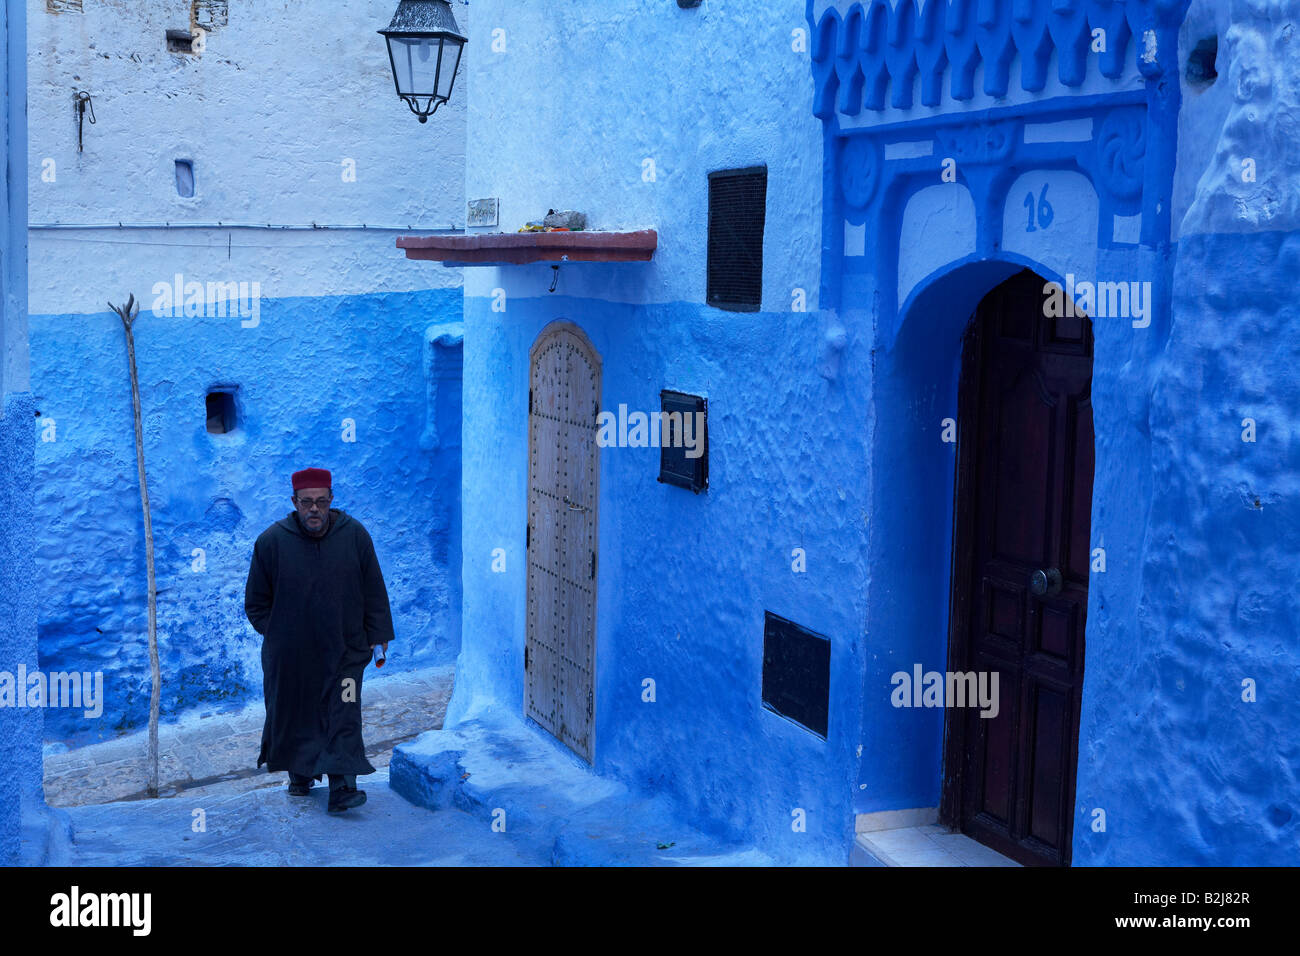 Des scènes de rue dans la ville fortifiée de bleu Chefchaouen, Maroc Banque D'Images